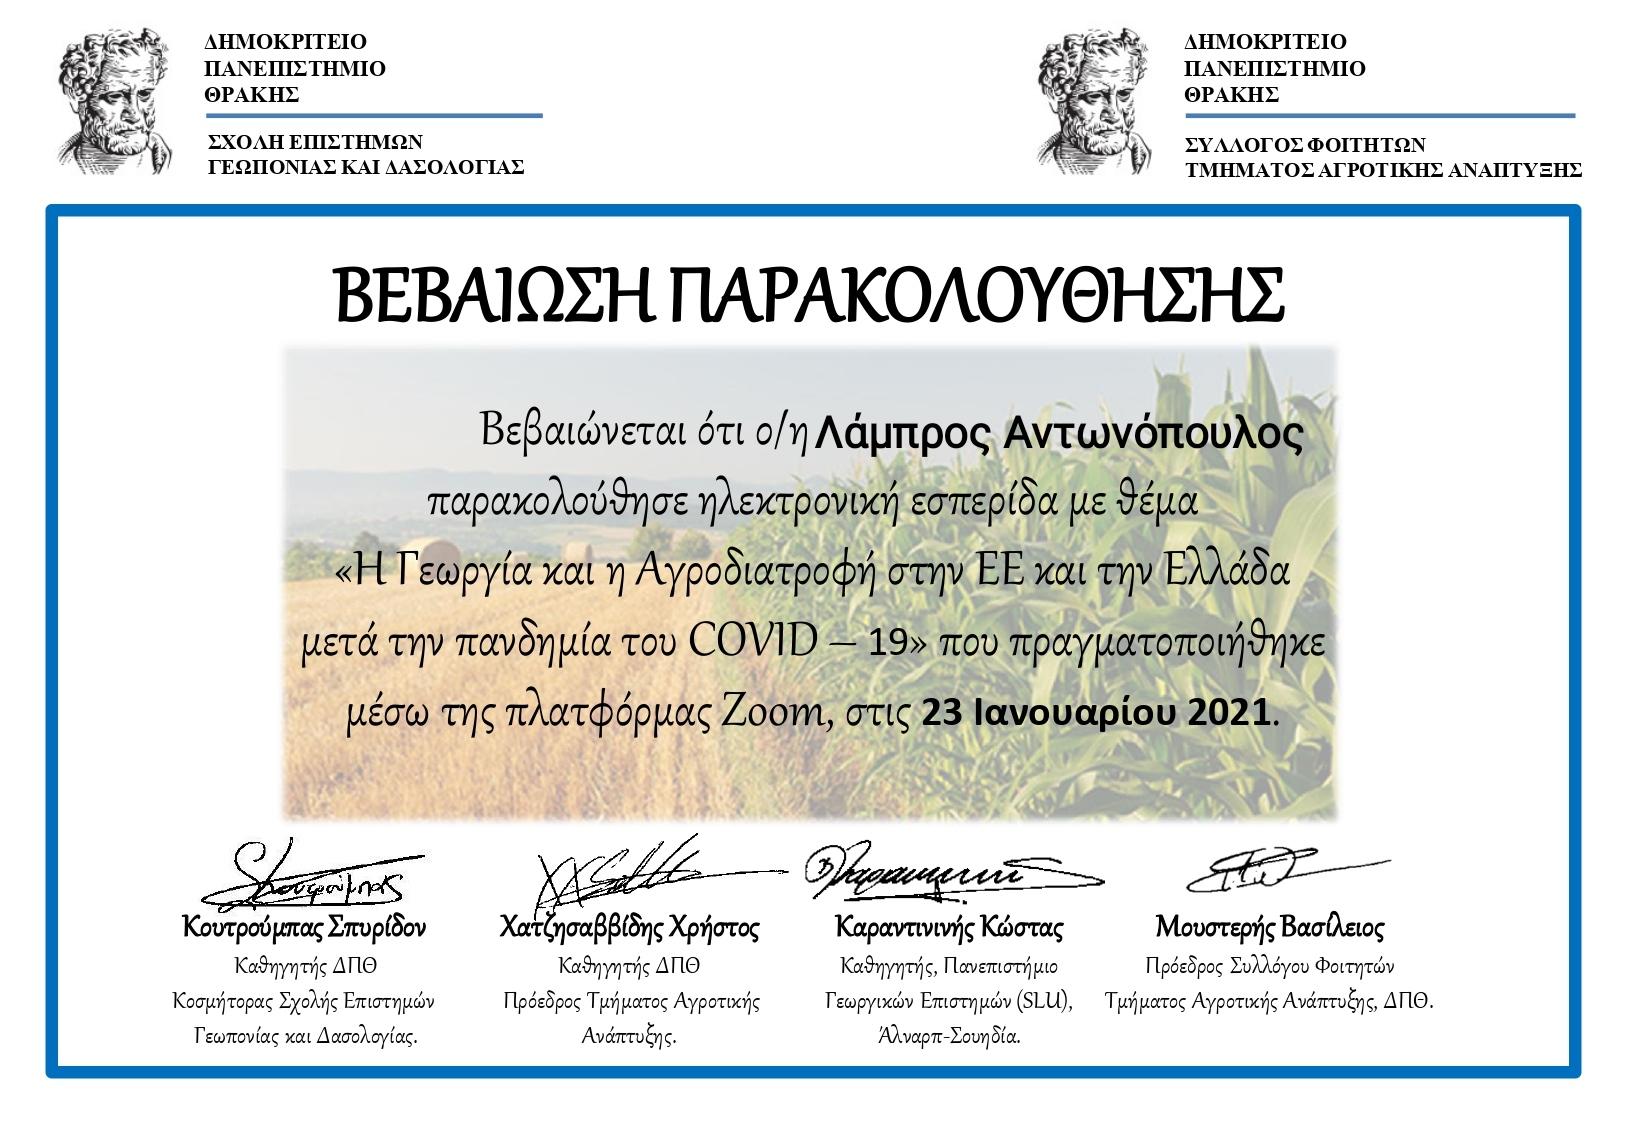 Η Γεωργία και η Αγροδιατροφή στην ΕΕ & στην Ελλάδα μετά την πανδημία του COVID – 1